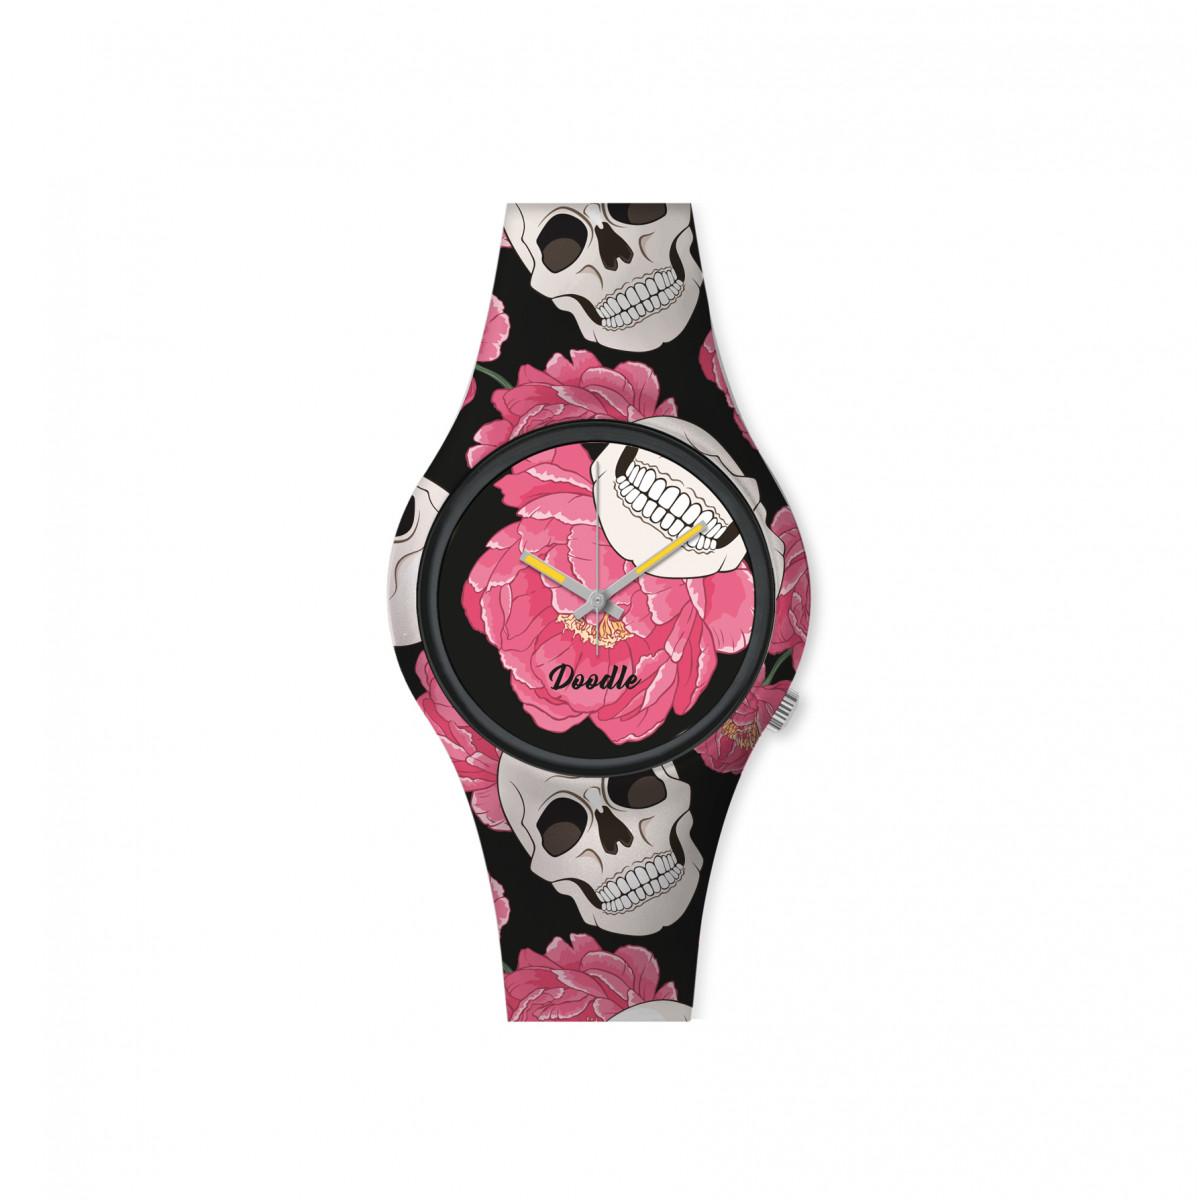 Montre Femme Doodle Santa Muerte Mood cadran noir - DO35013